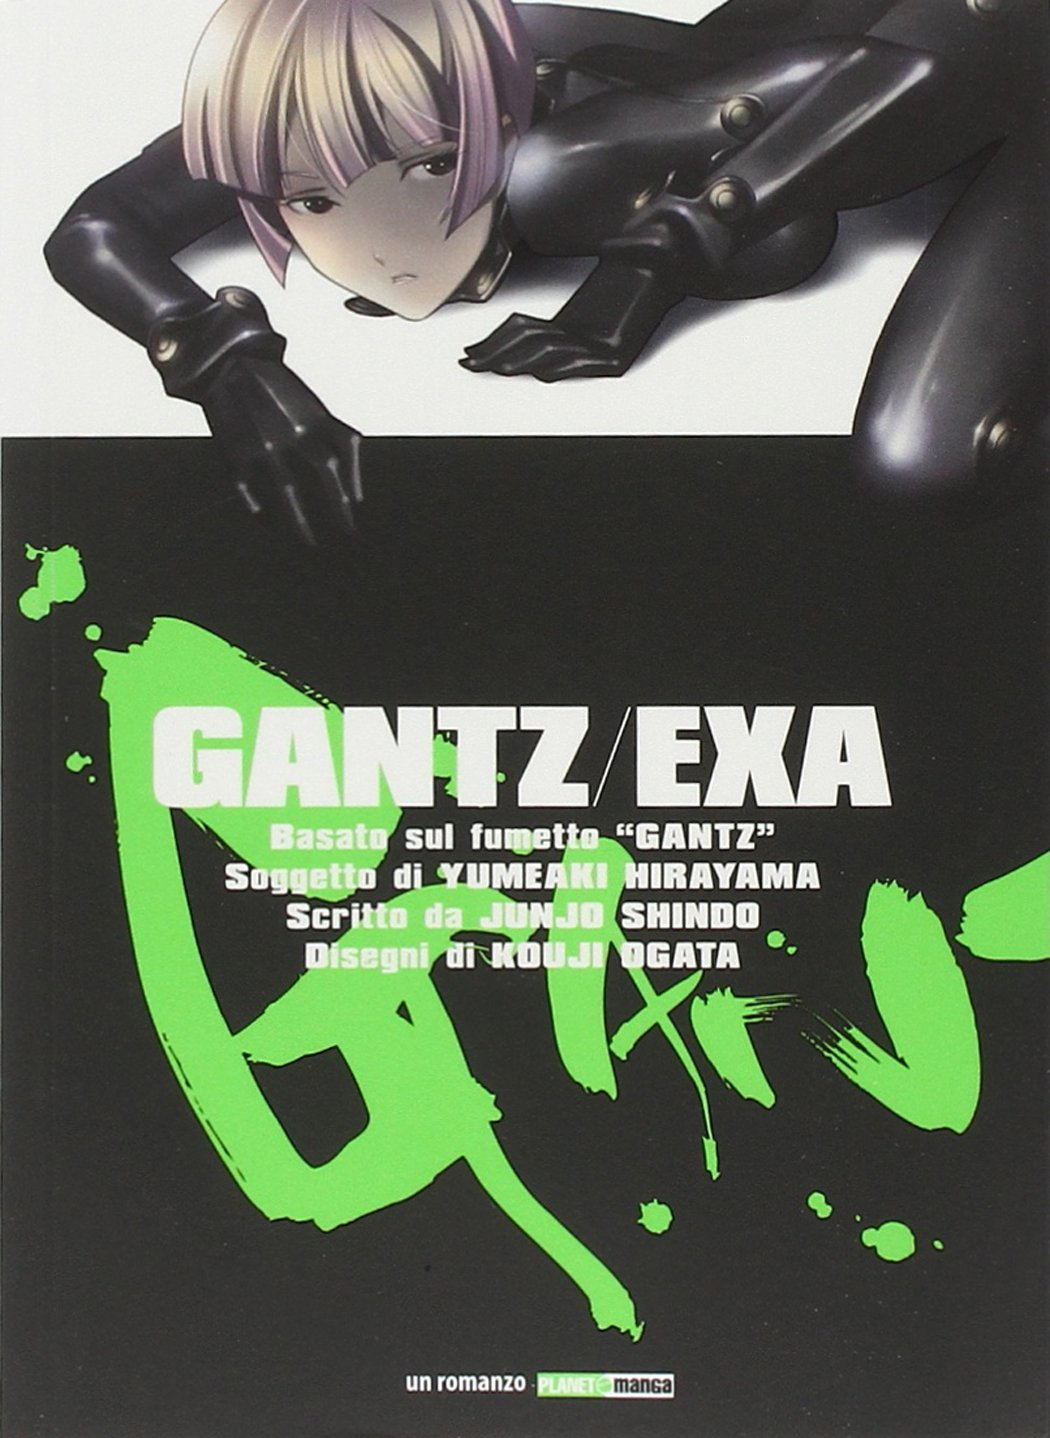 Gantz/Exa